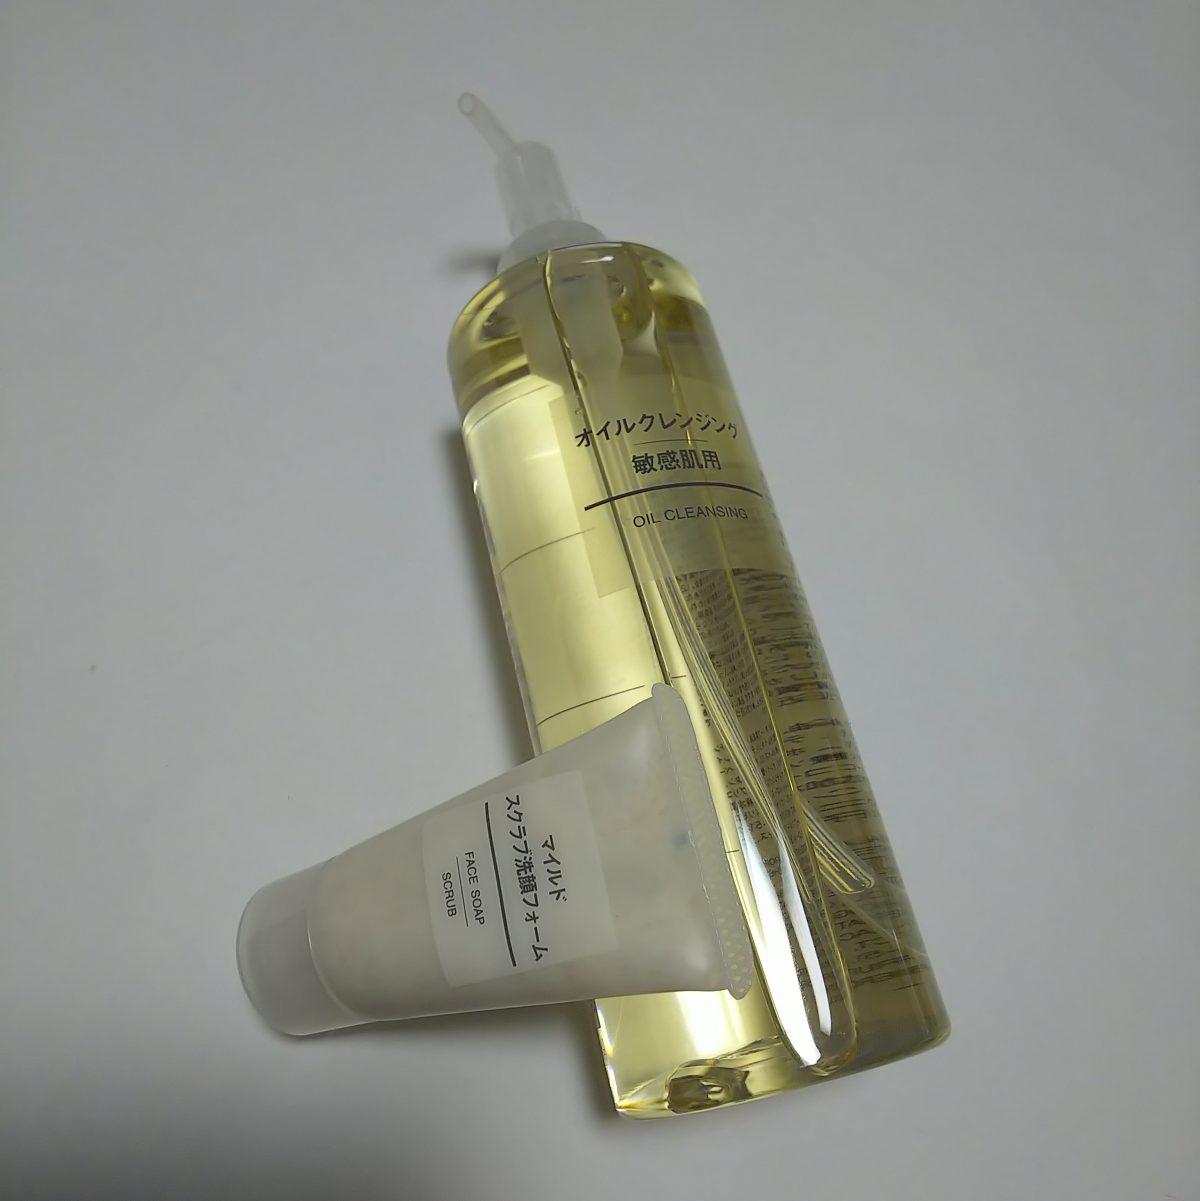 ヘビロテ⑤ 無印良品 オイルクレンジング 敏感肌用